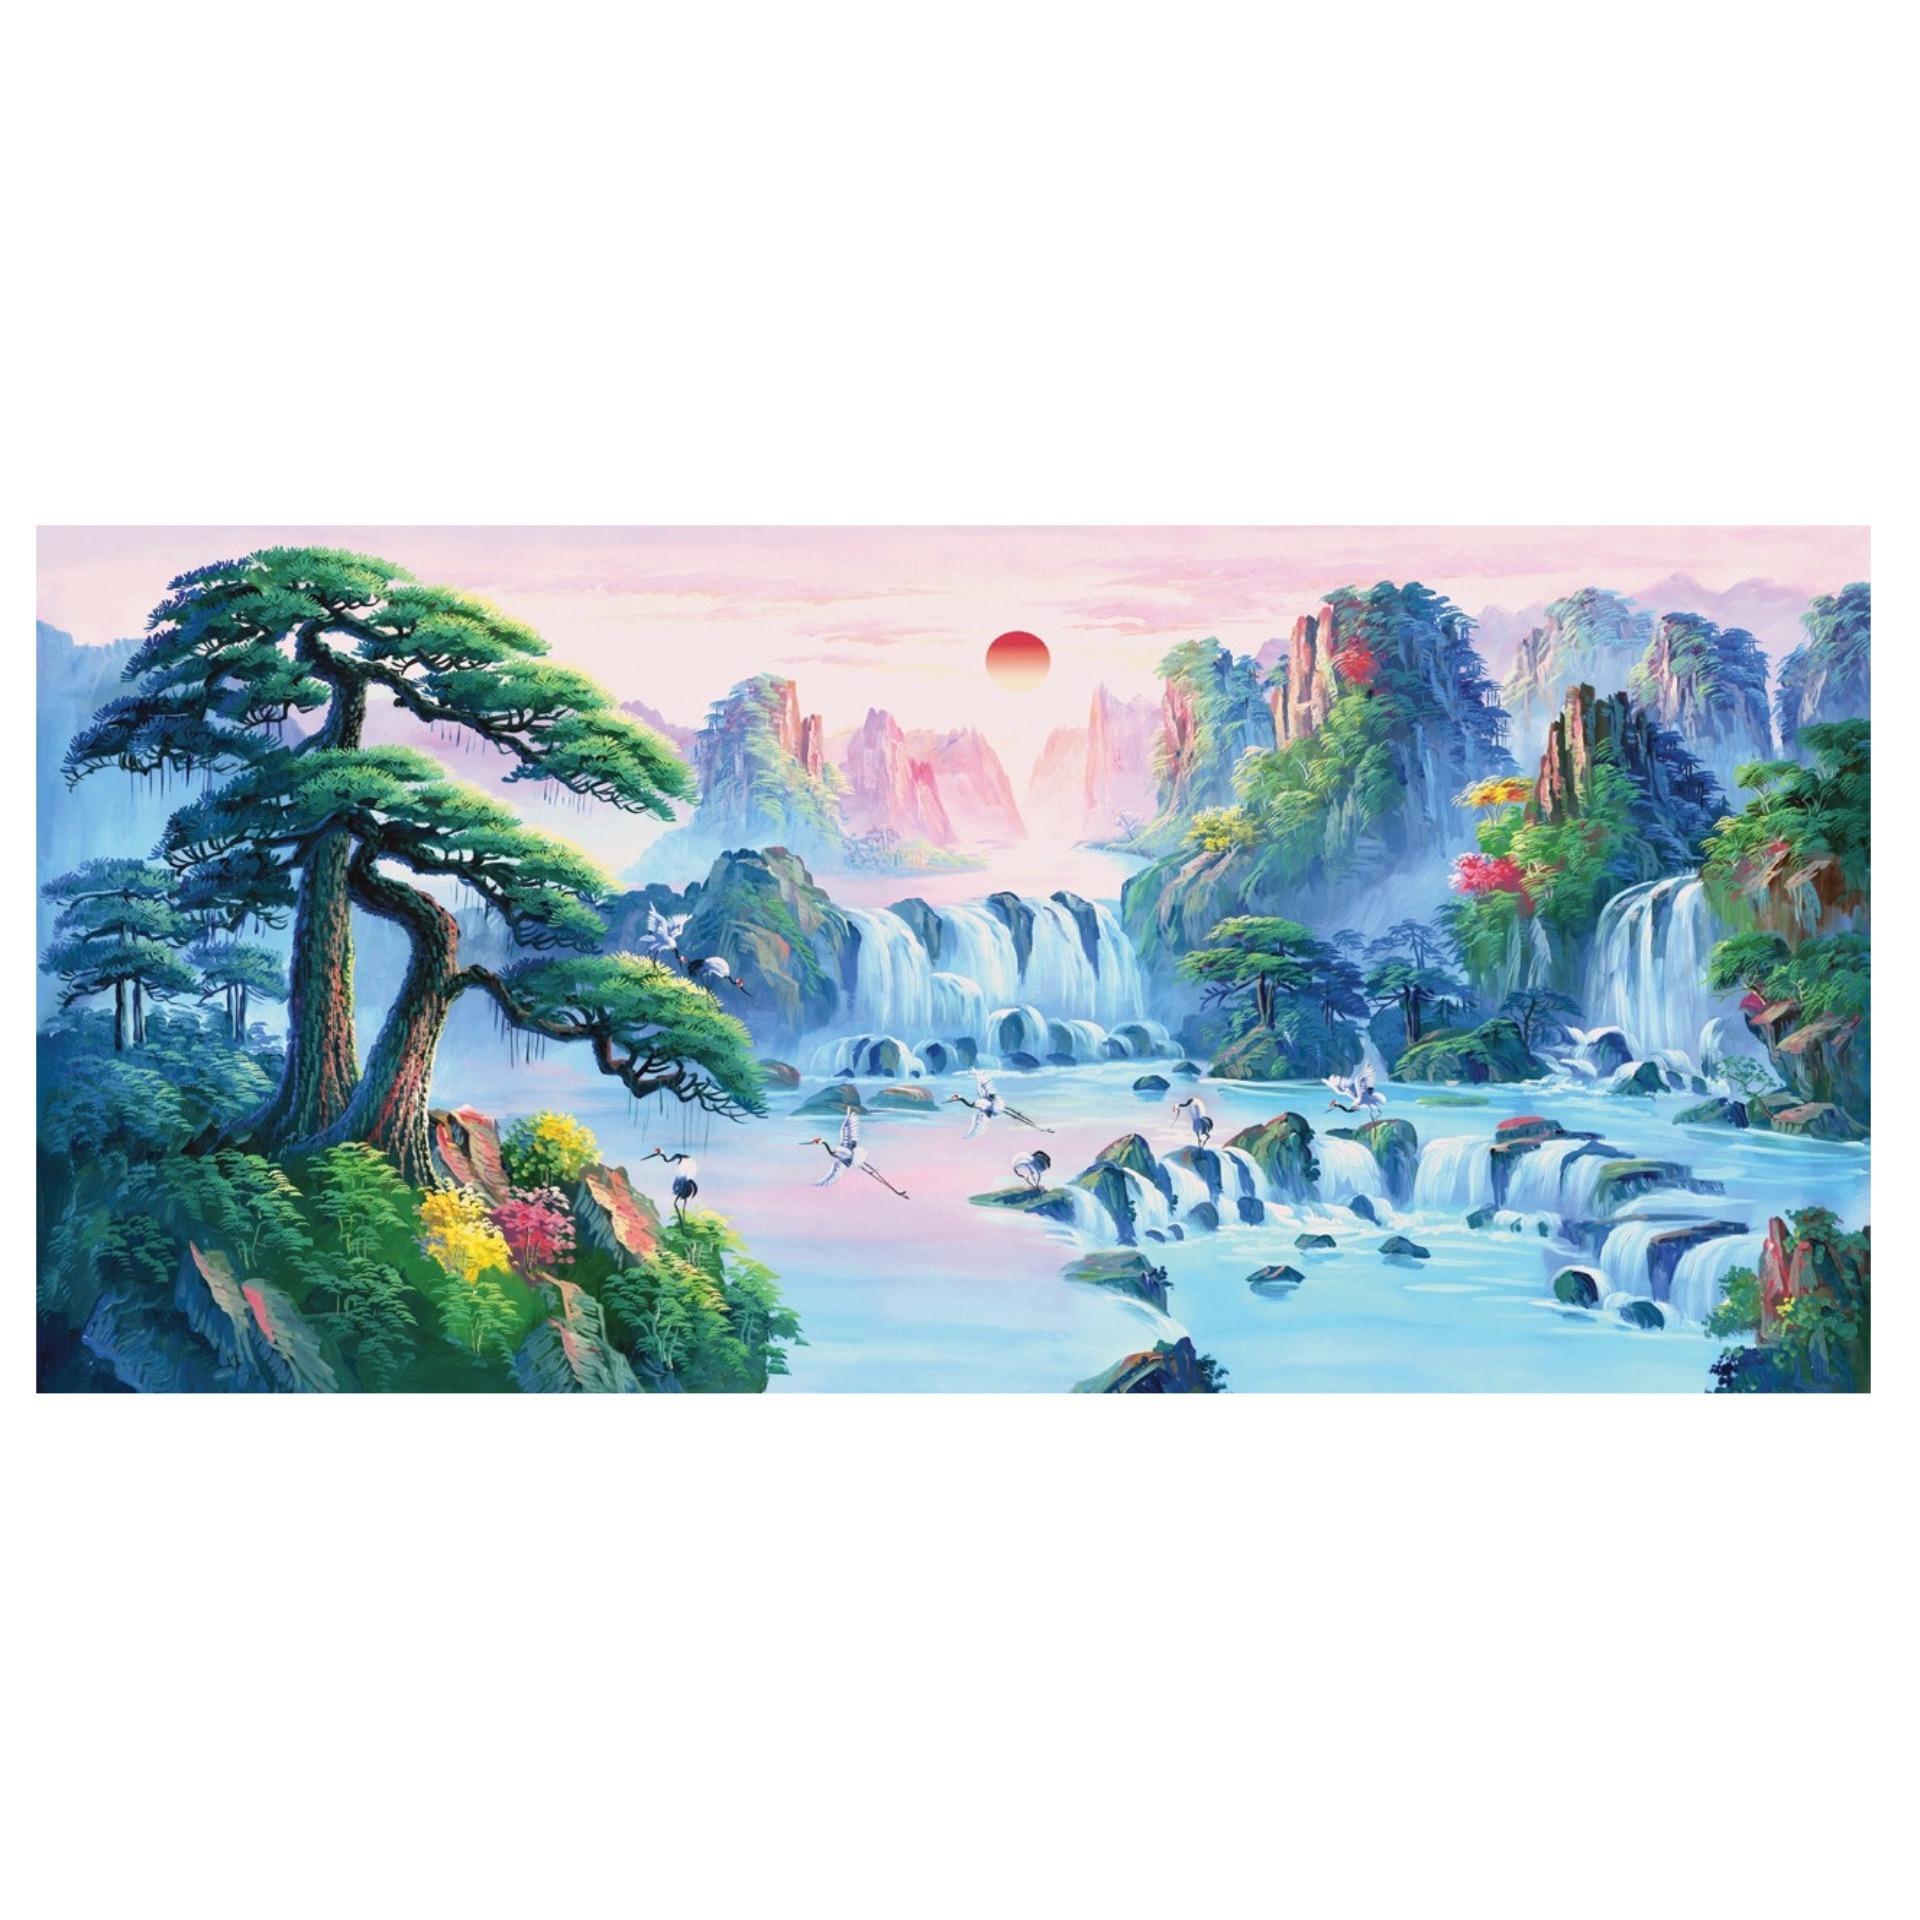 Bán Mua Tranh Dan Tường 3D Phong Thủy Tung Hạc Dien Nien Vtc Lunatm 0026 Hồ Chí Minh